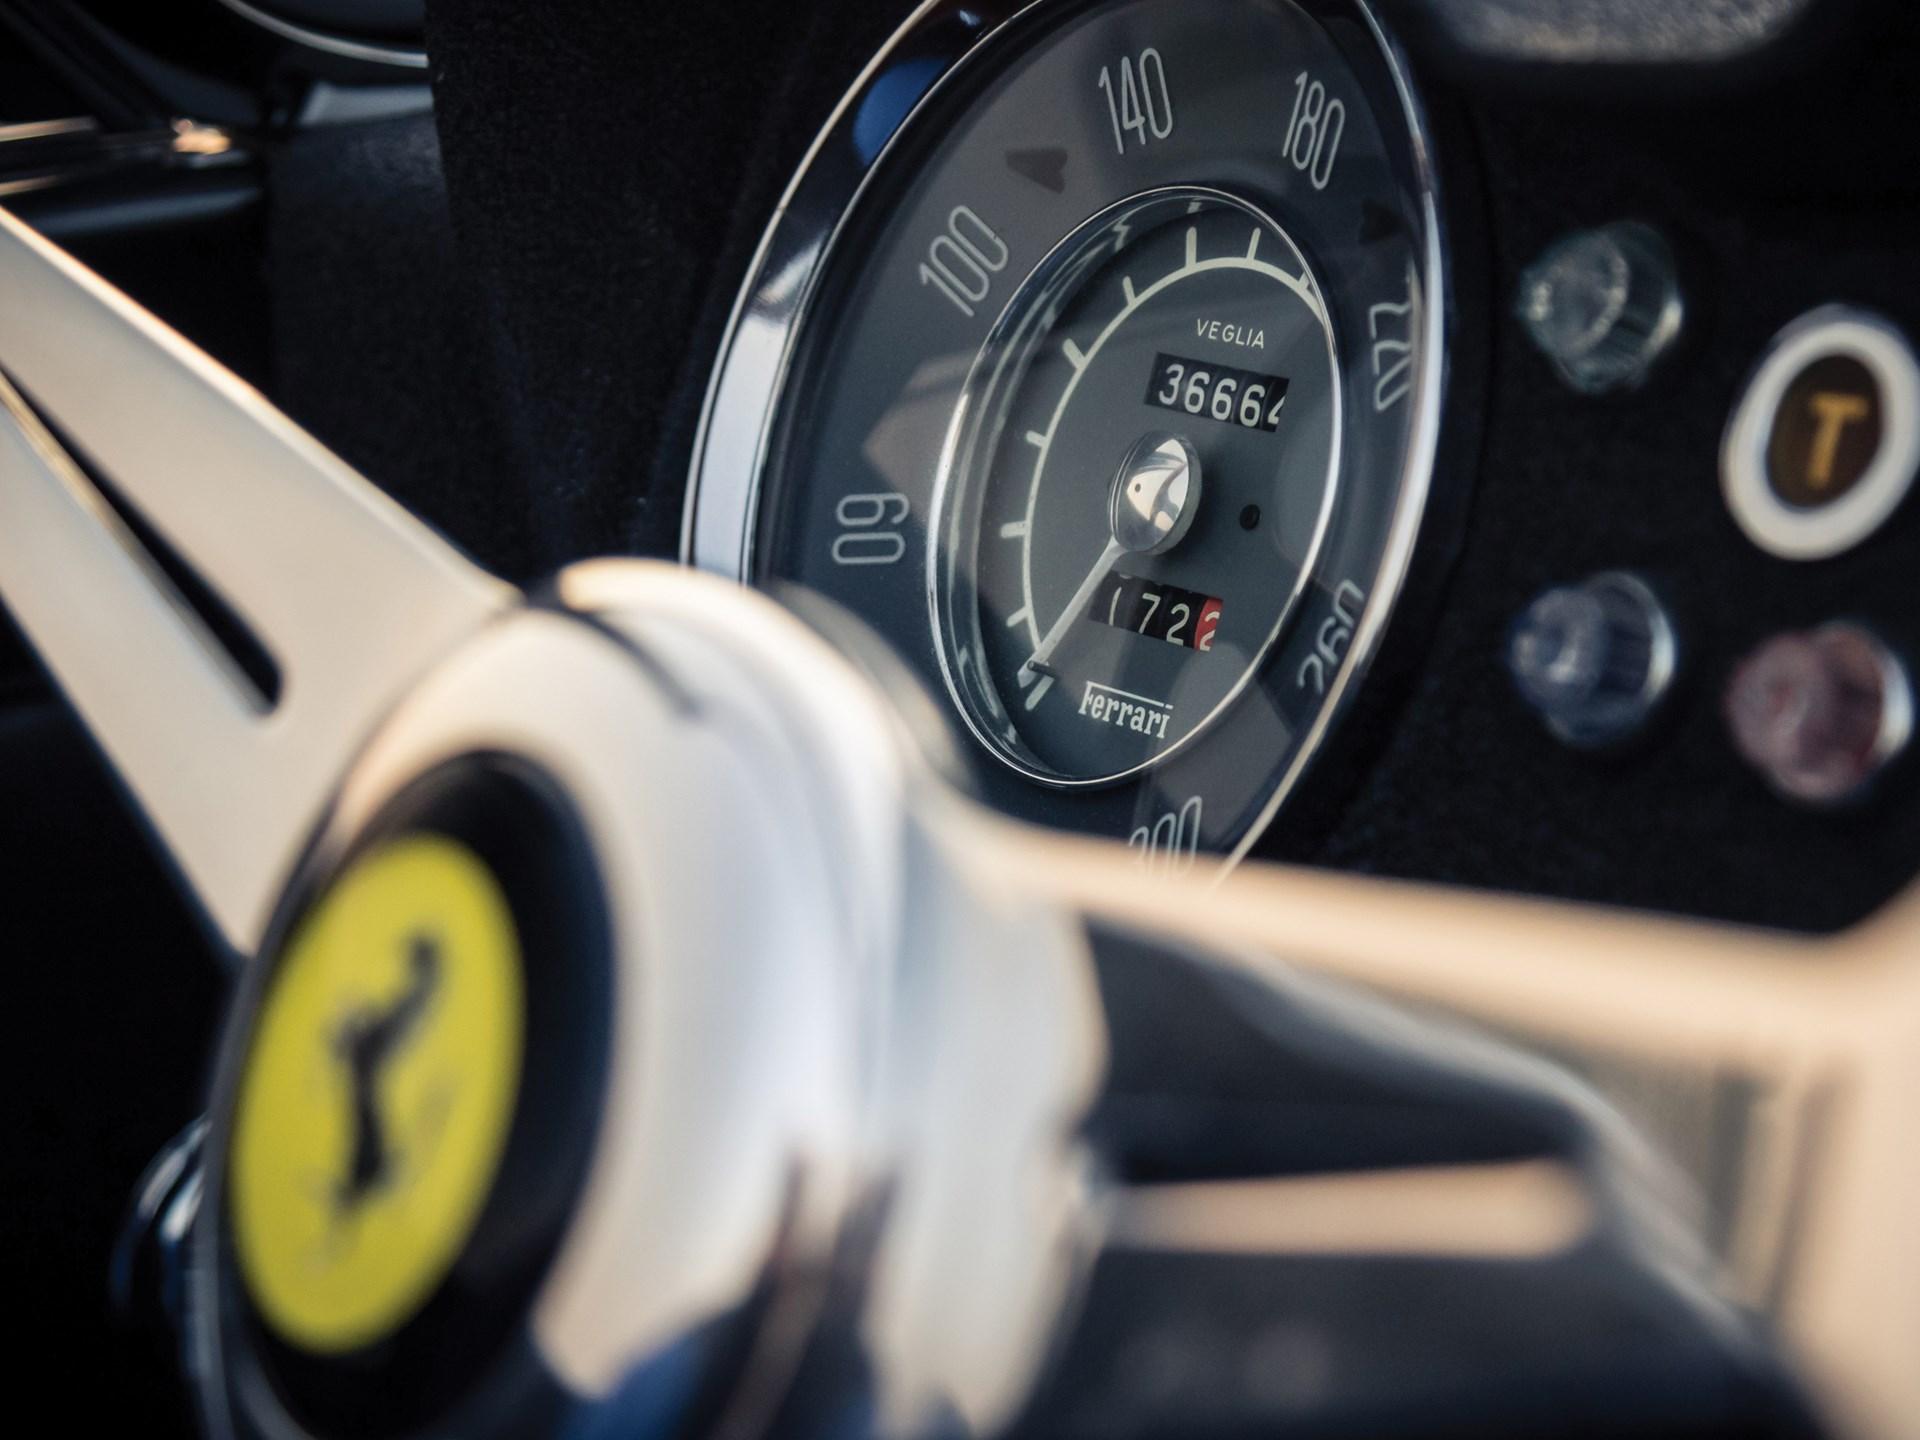 1959 Ferrari 250 GT LWB California Spider Competizione by Scaglietti